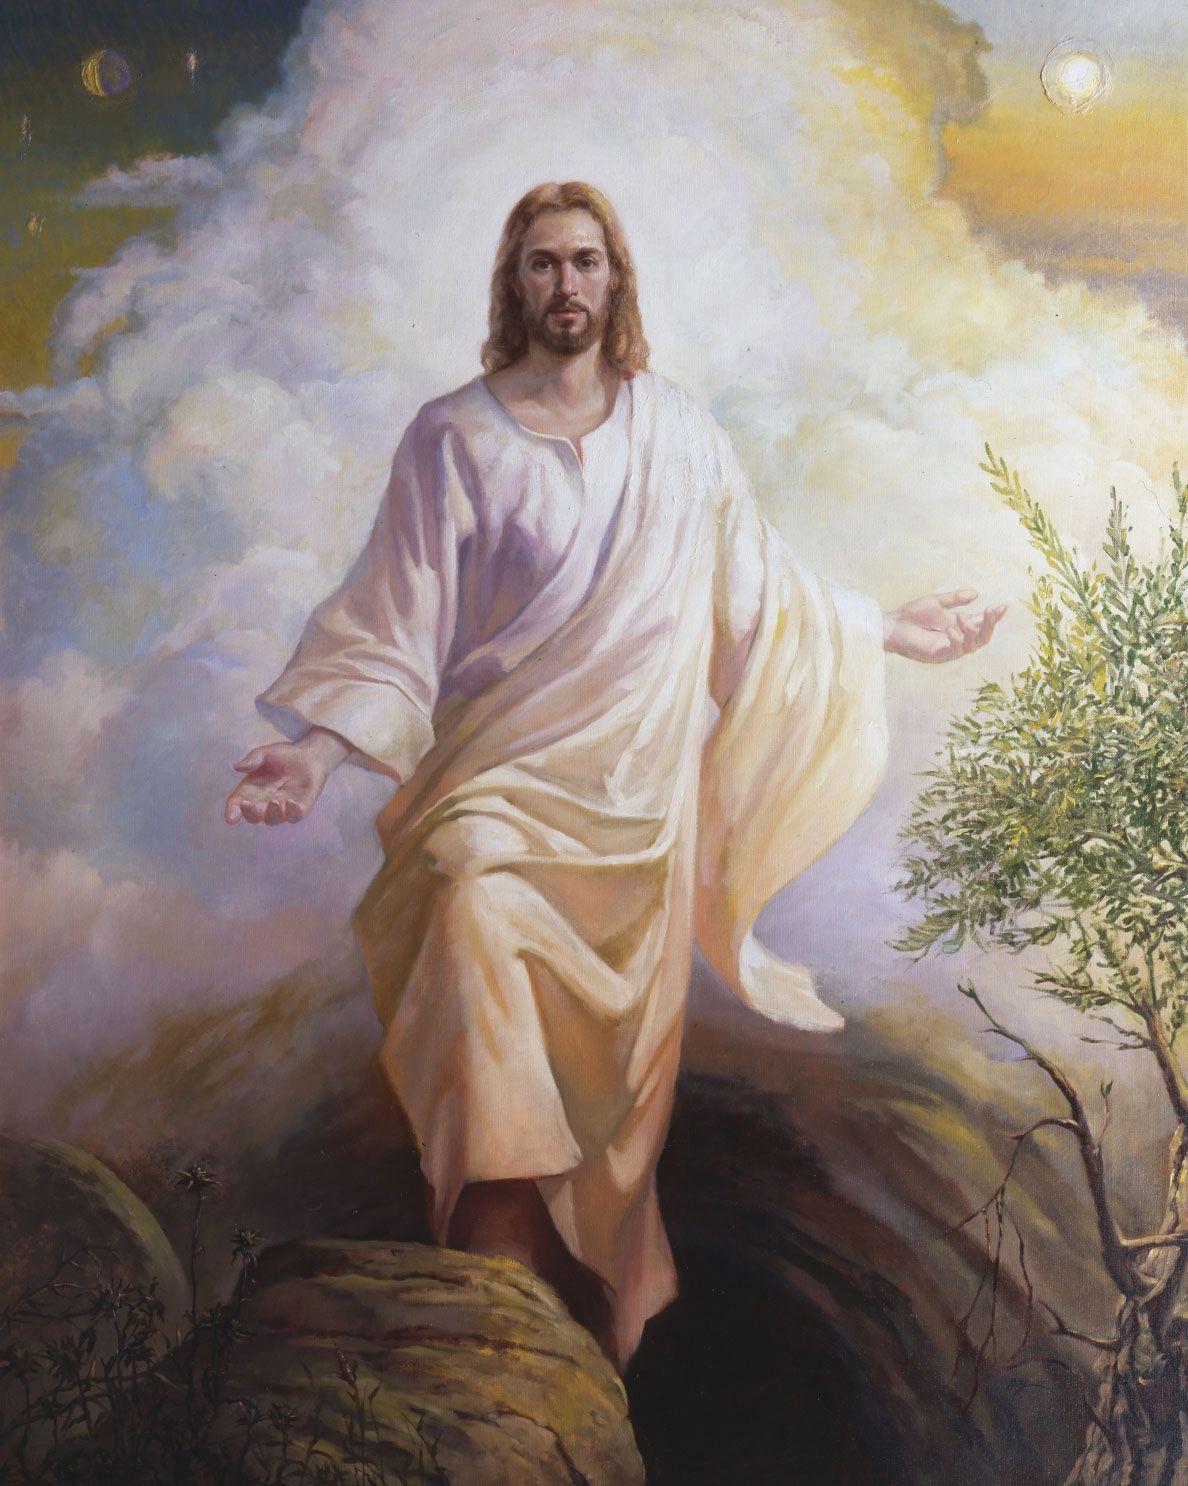 Chúa Giêsu phục sinh vào thời điểm nào?